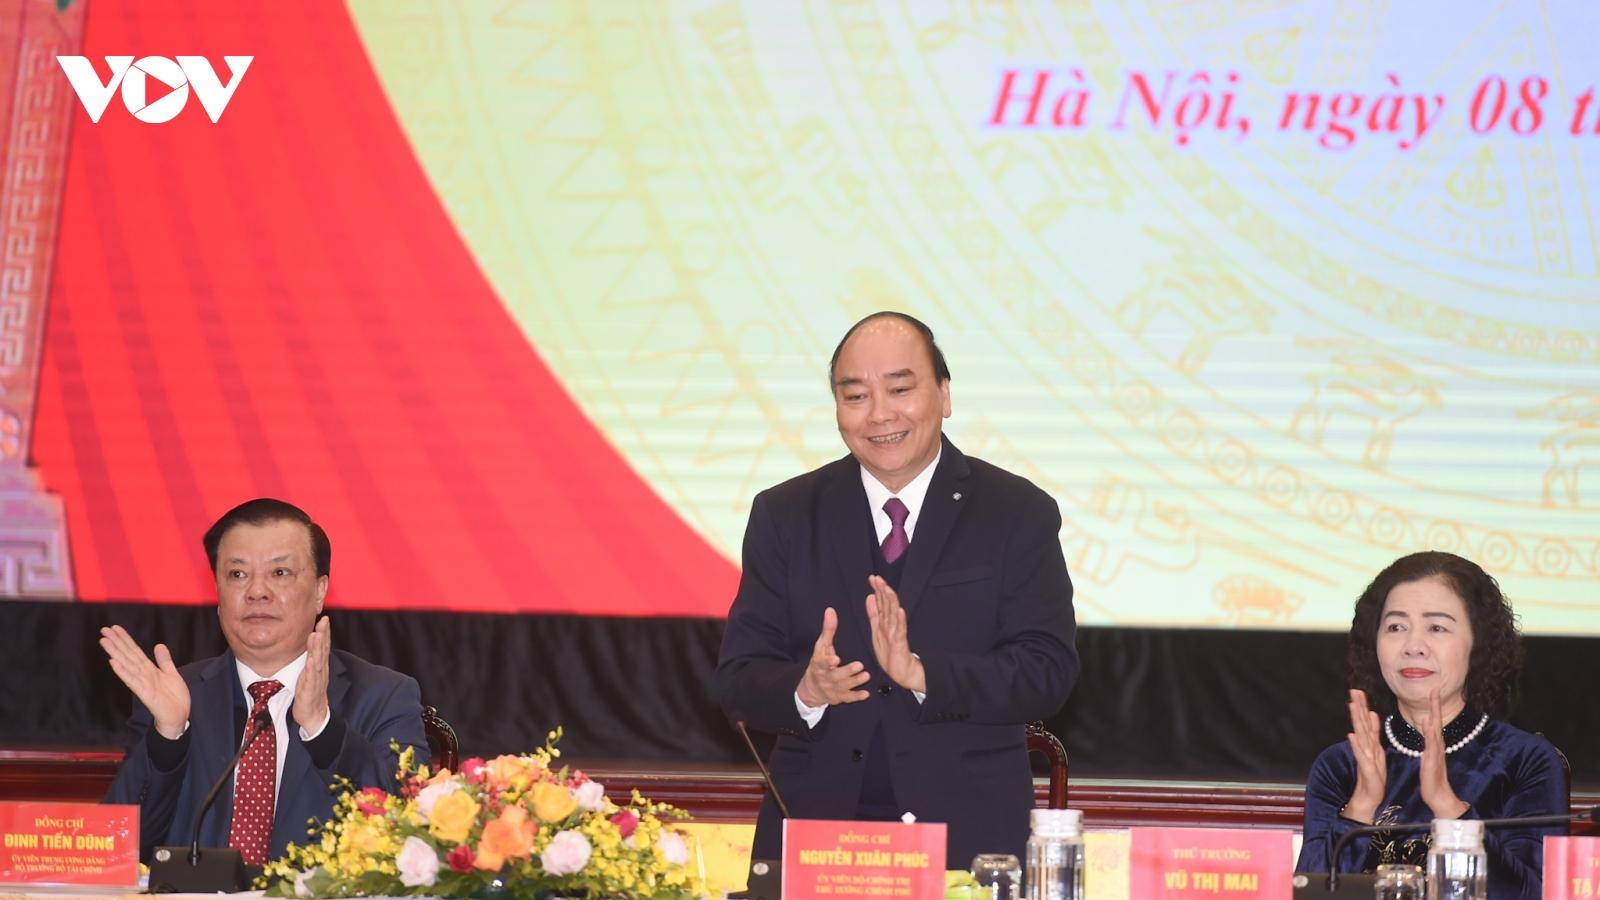 Thủ tướng: Ngành Tài chính chủ động, sáng tạo, hoàn thành các mục tiêu nhiệm kỳ